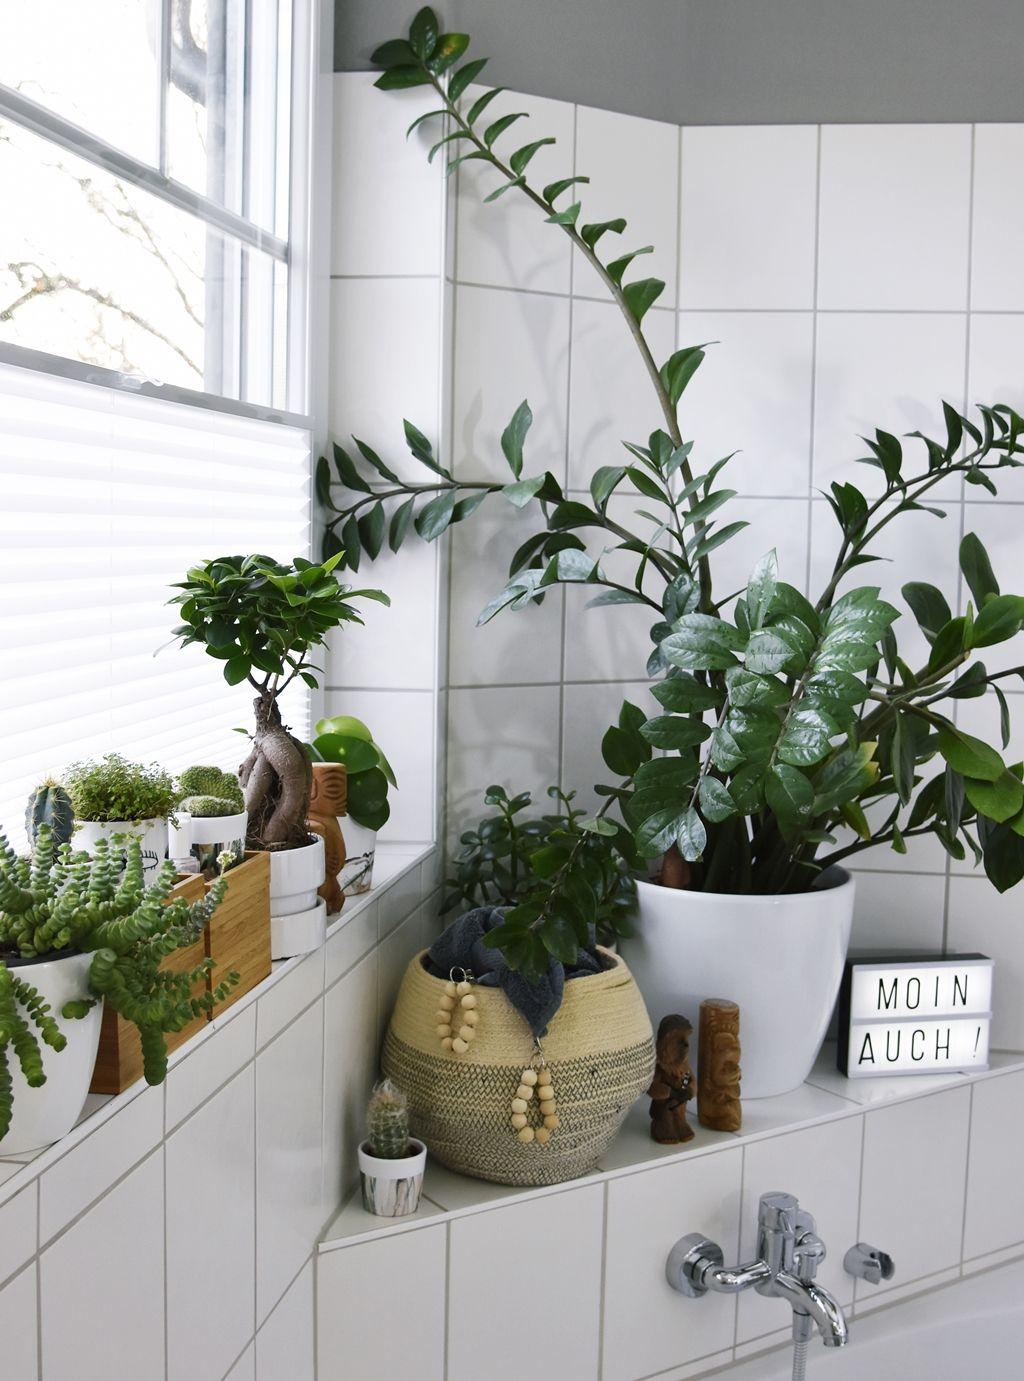 kleines plissee fur badezimmer gute bild oder dbeebeabbdf